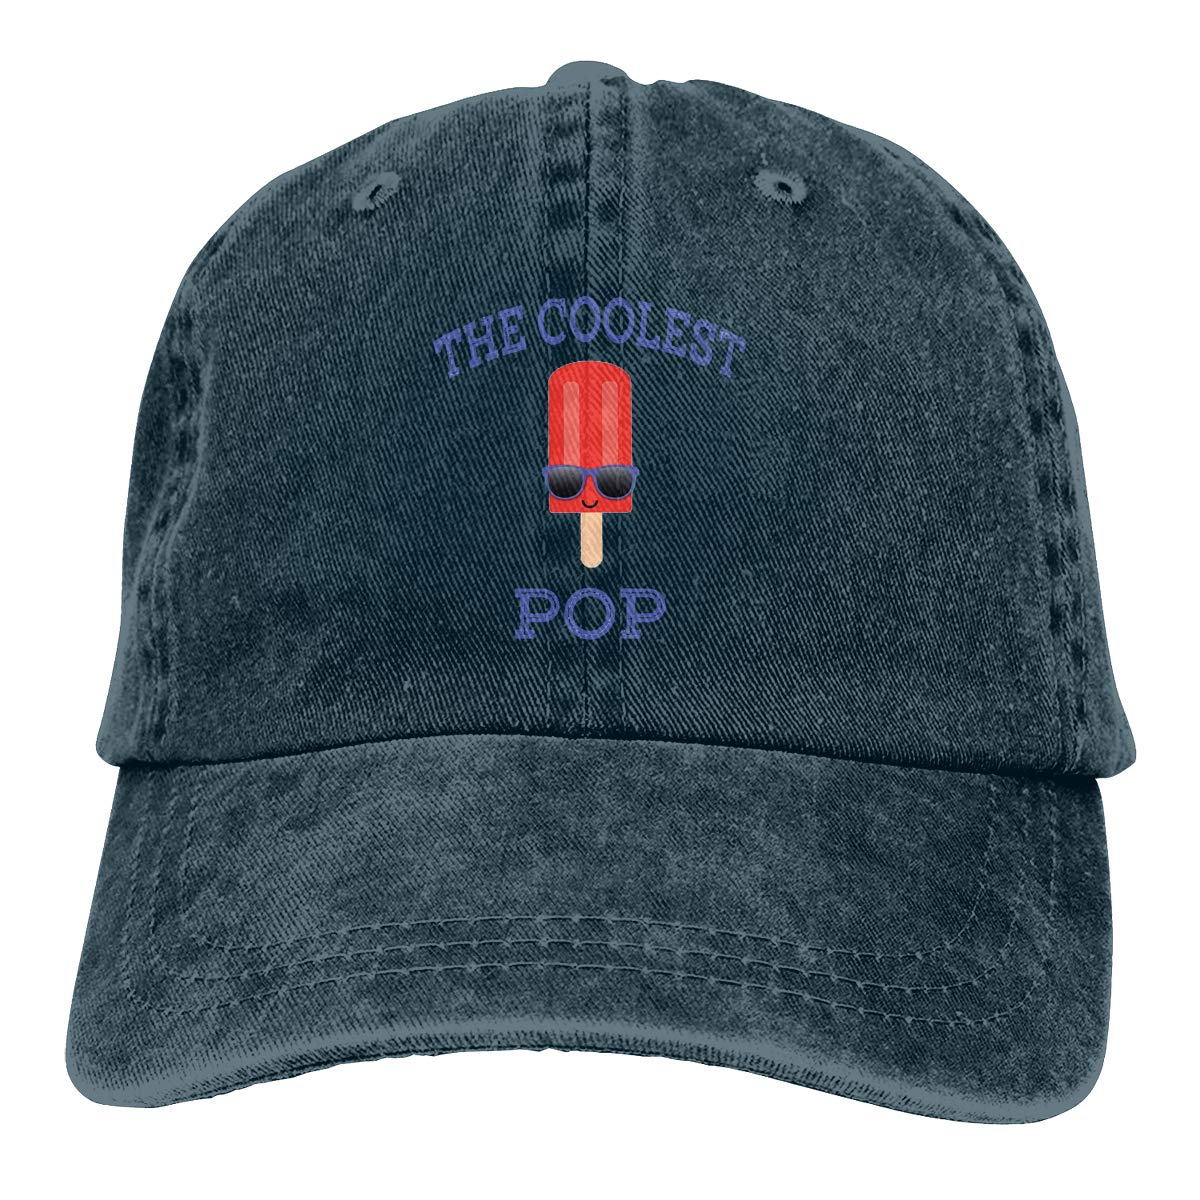 Adult Unisex Cowboy Cap Adjustable Hat The Coolest Pop Red Popsicle Cotton Denim